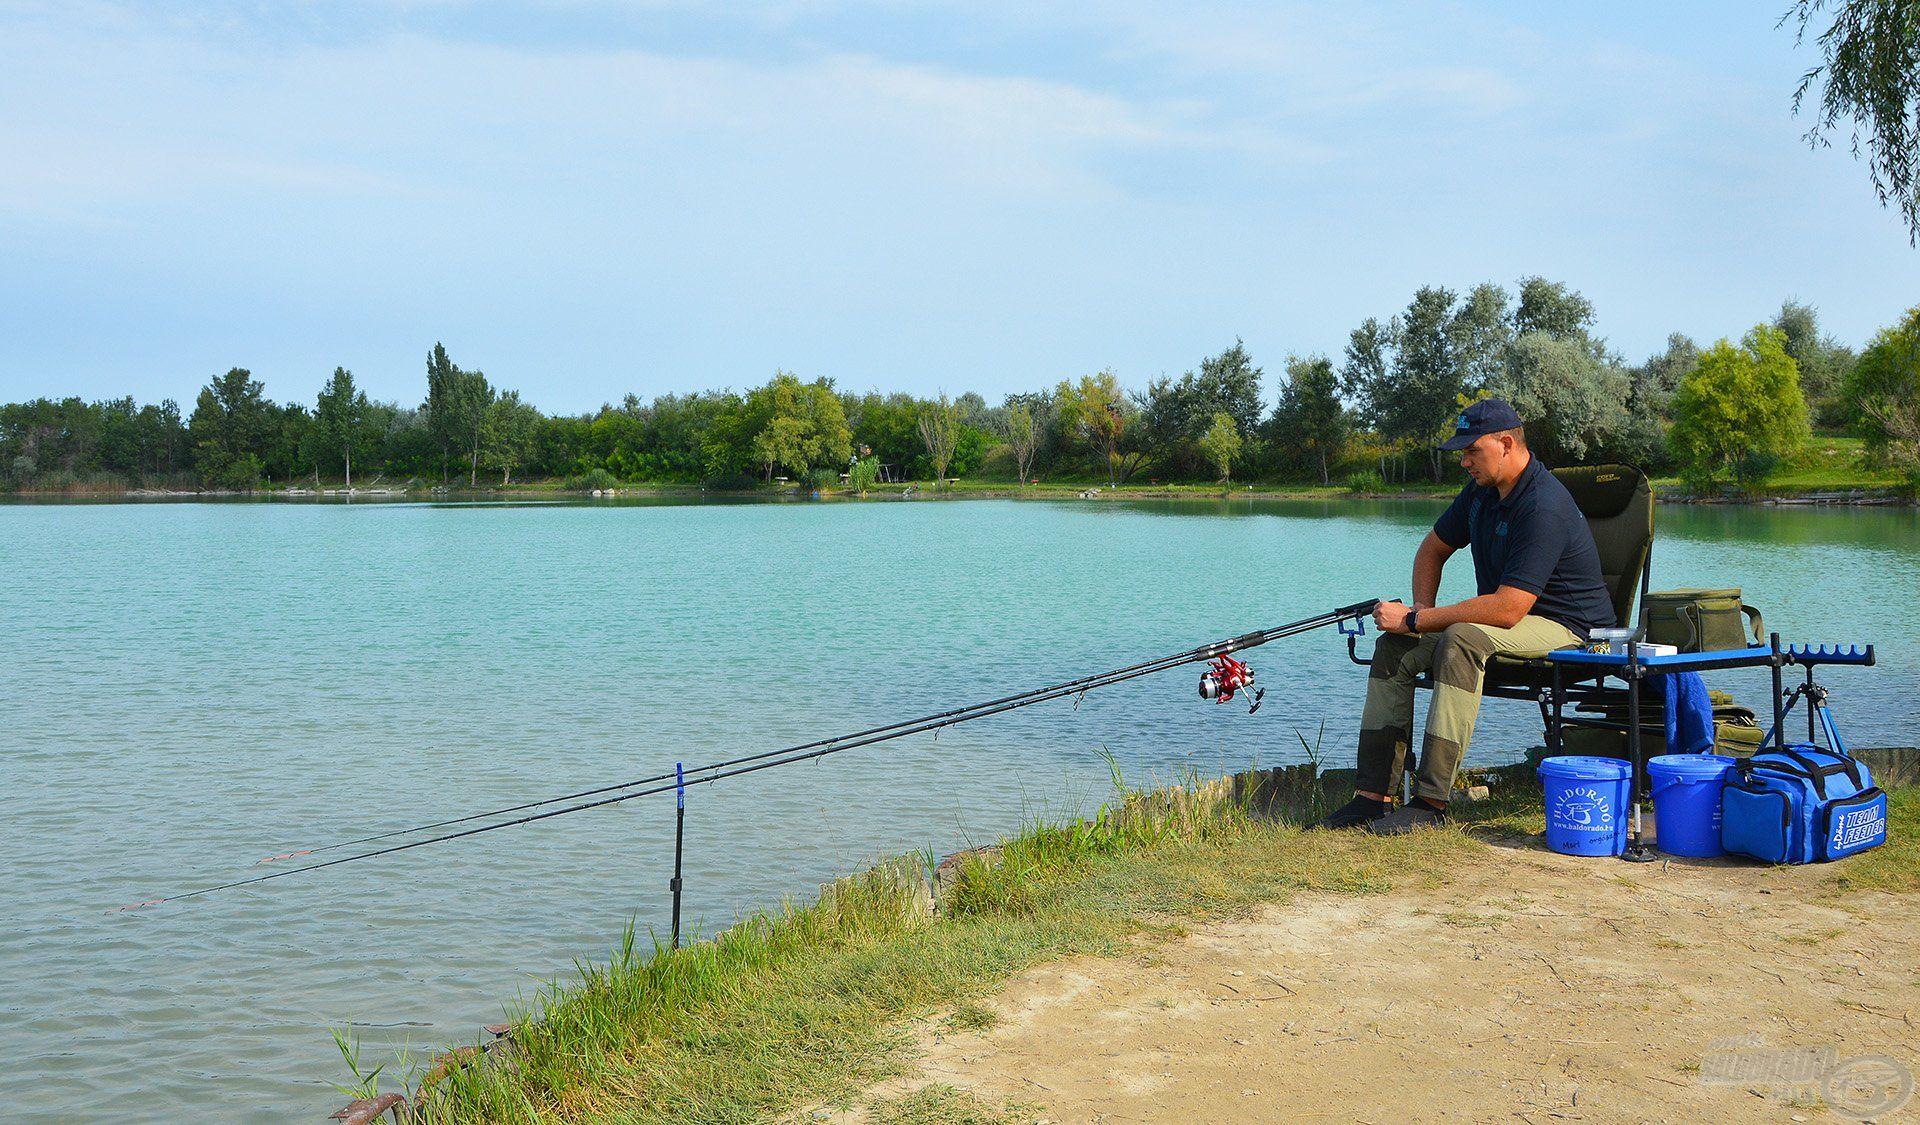 Ha minden a helyén van, nemcsak könnyebb a horgászat, hanem hatékonyabb is!